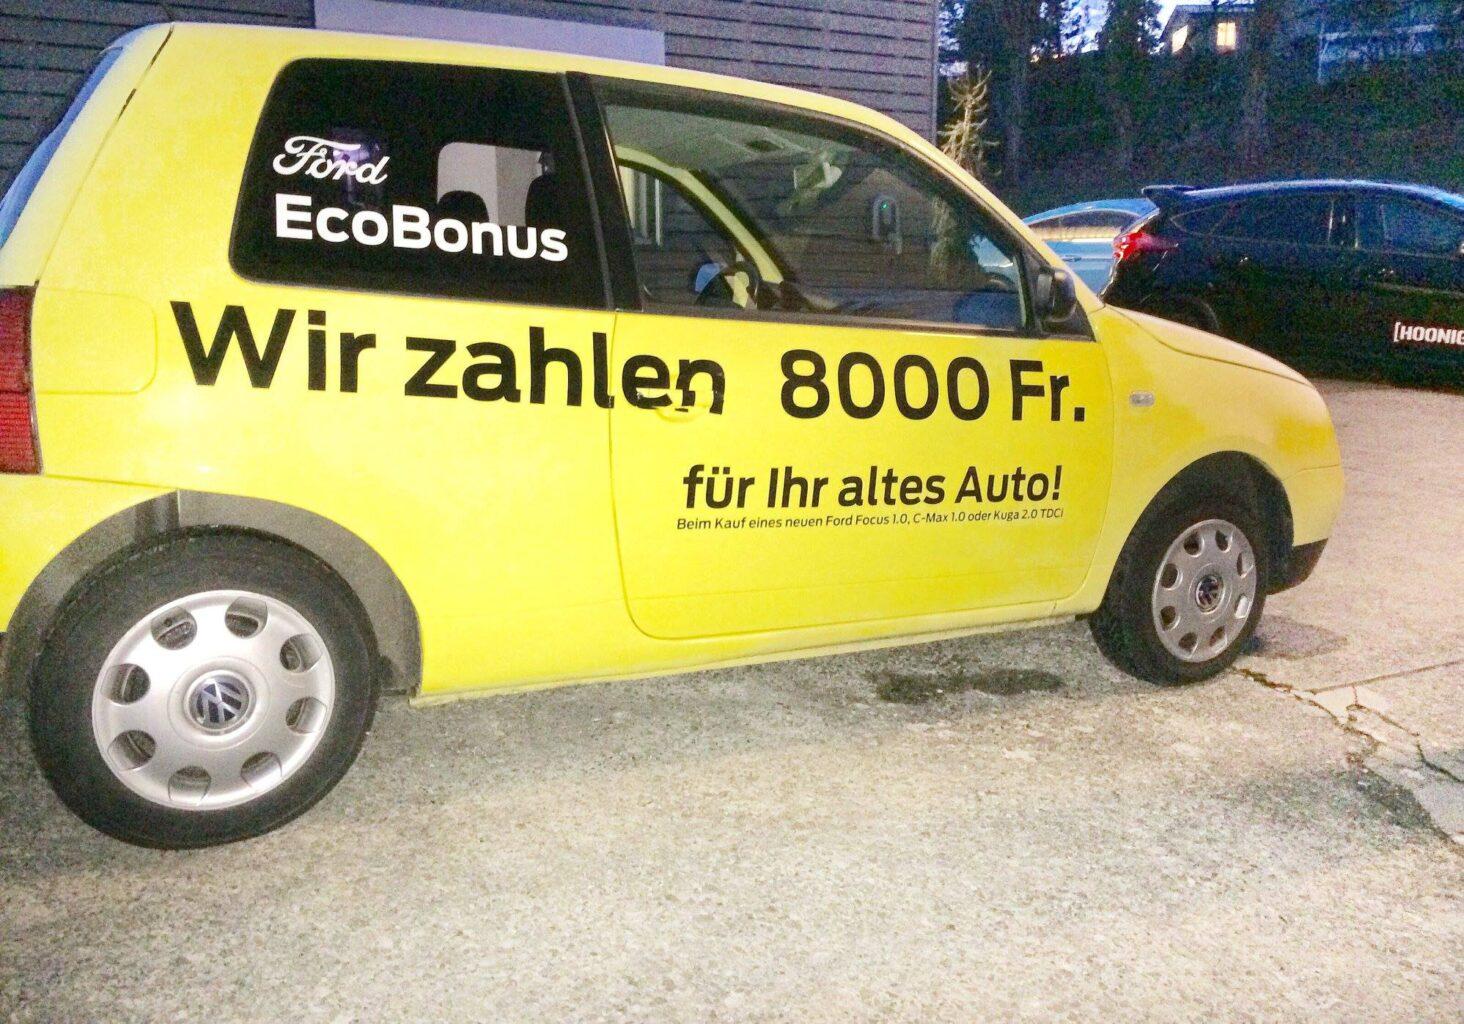 Ford EcoBonus: Wir zahlen 8'000 Fr. für Ihr altes Auto - Zustand egal!